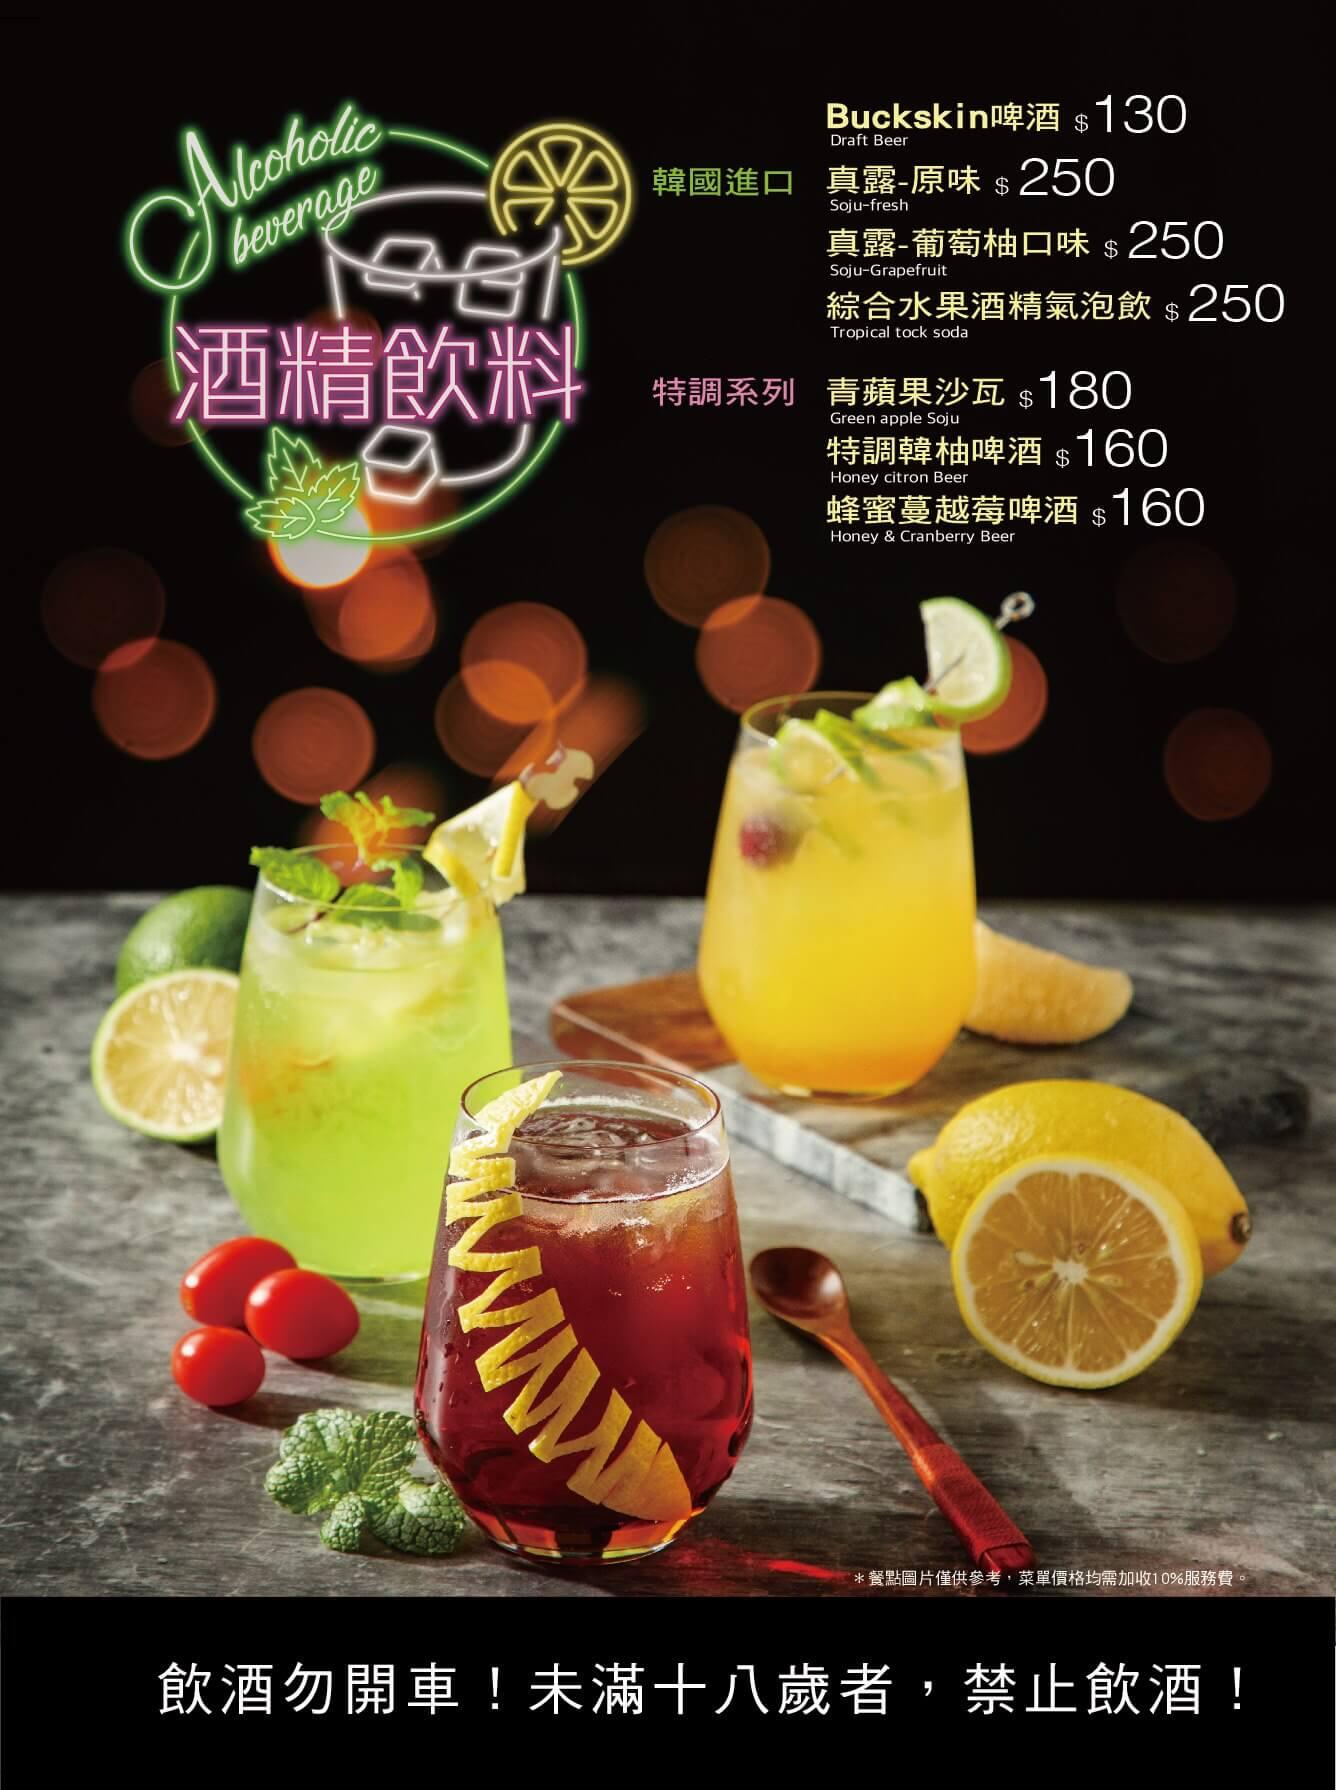 慶城店與南西店菜單MENU